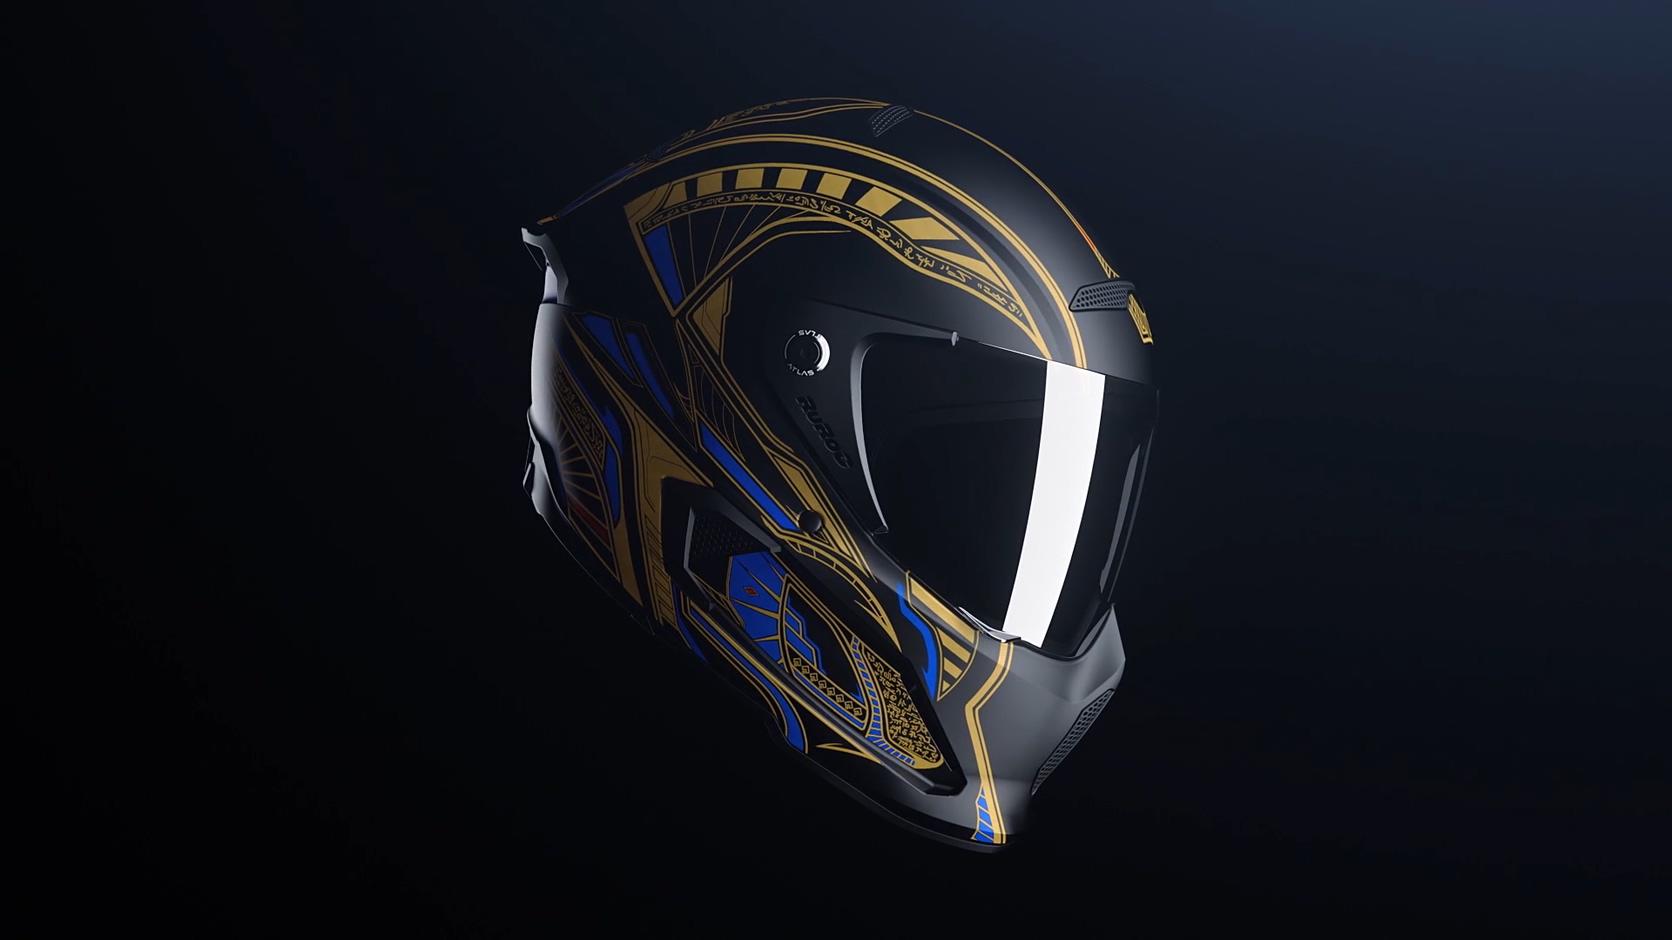 头盔三维高级暗黑科技产品气质质感